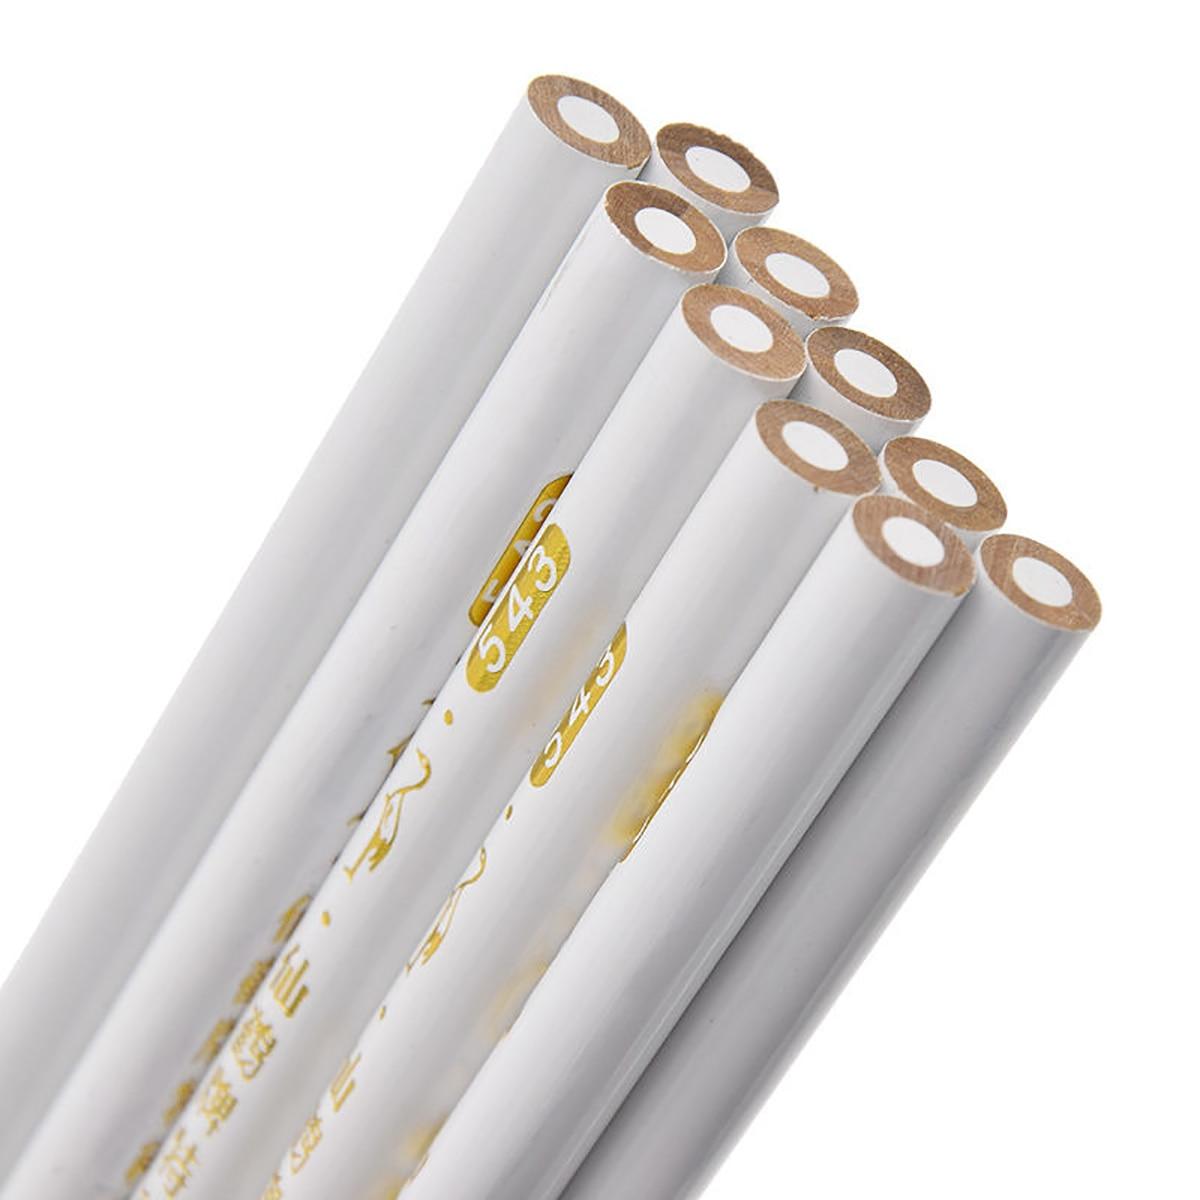 Mayitr lápis de costura em 4 cores, acessórios de ferramentas de artesanato para alfaiate profissional, alfaiate para casa com 10 peças